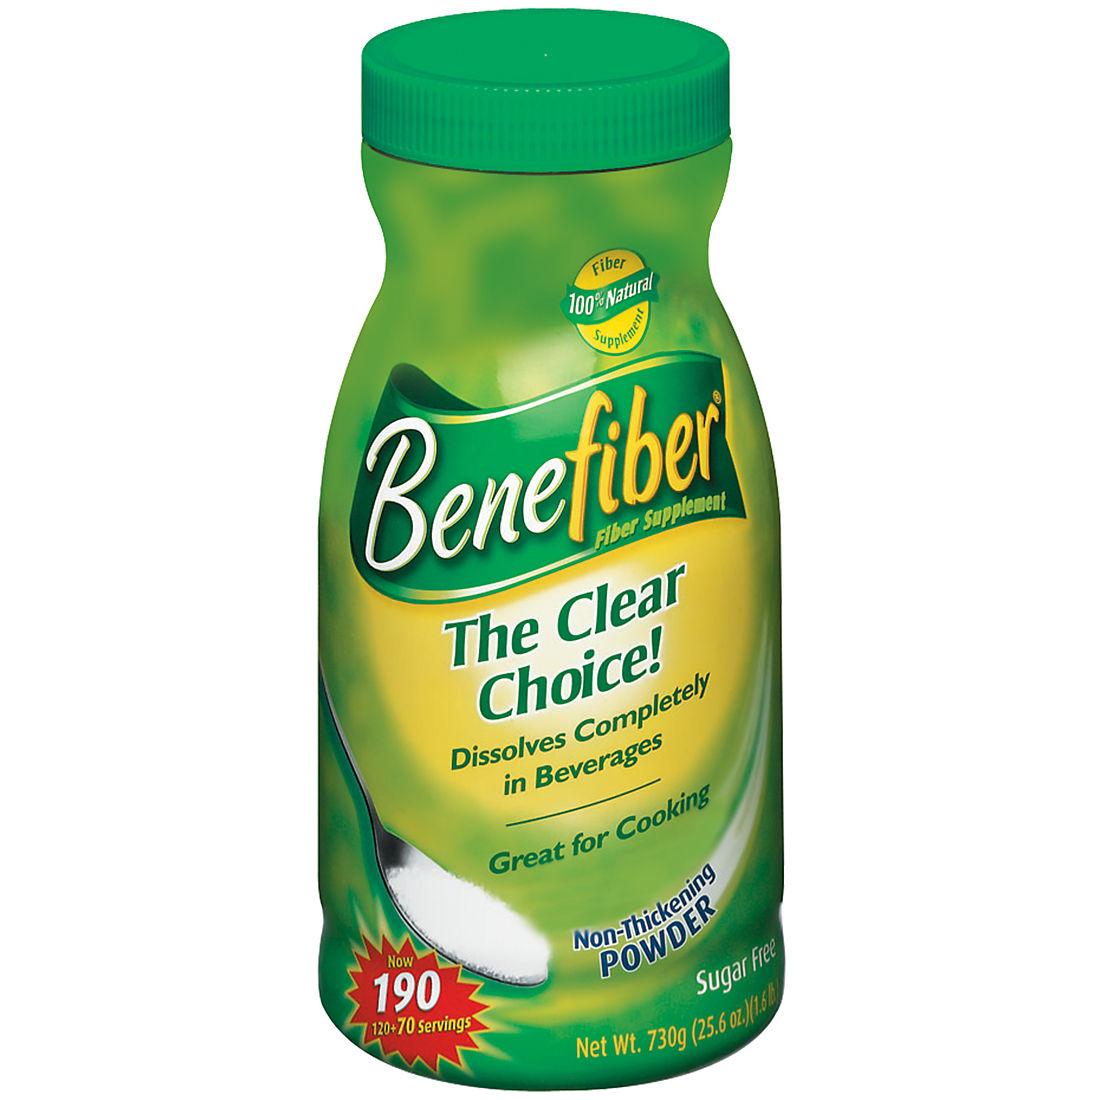 Benefiber Powder Fiber Supplement, 190